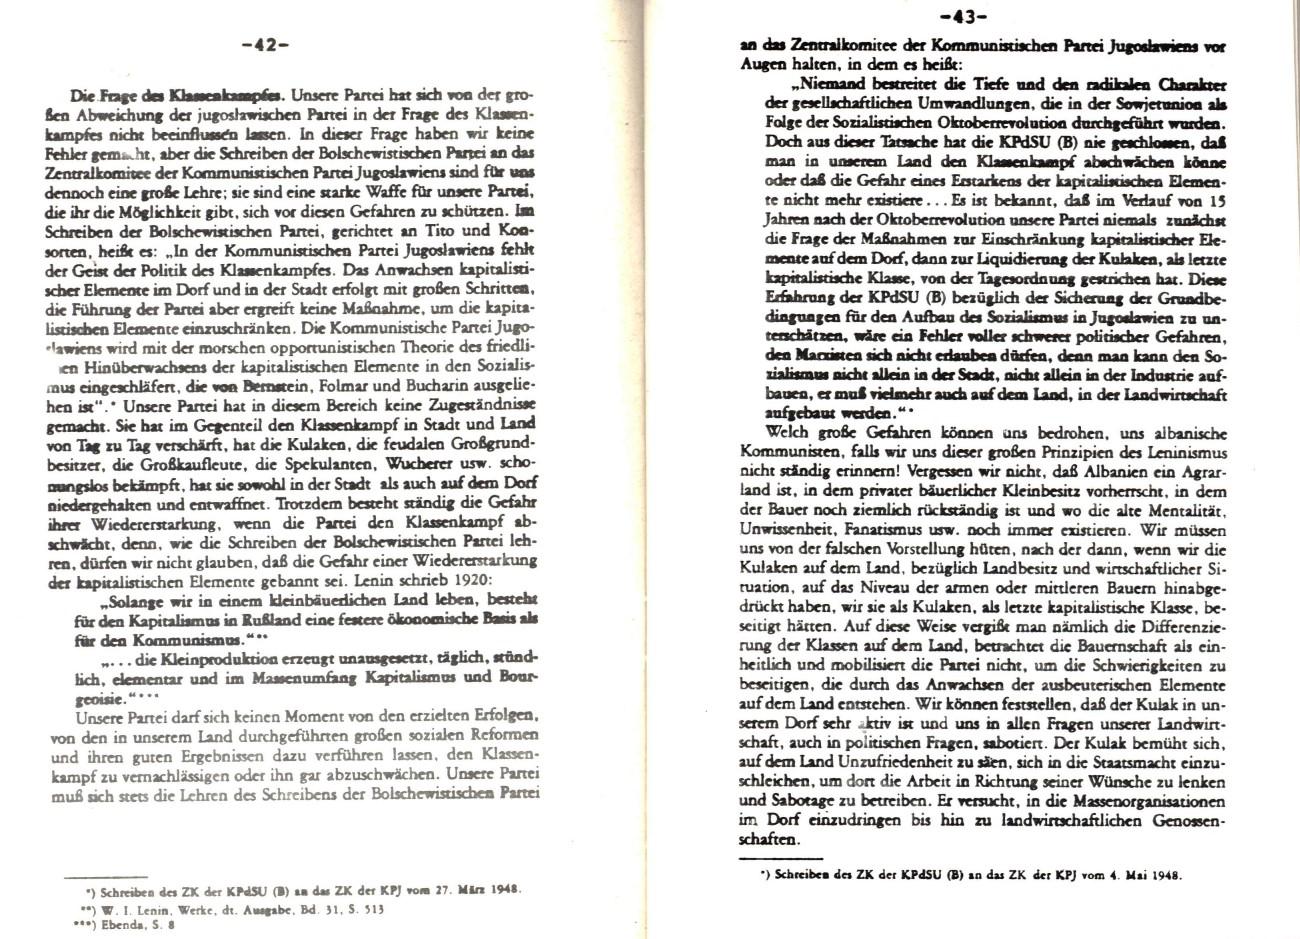 MLSK_Theorie_und_Praxis_des_ML_1979_24_23